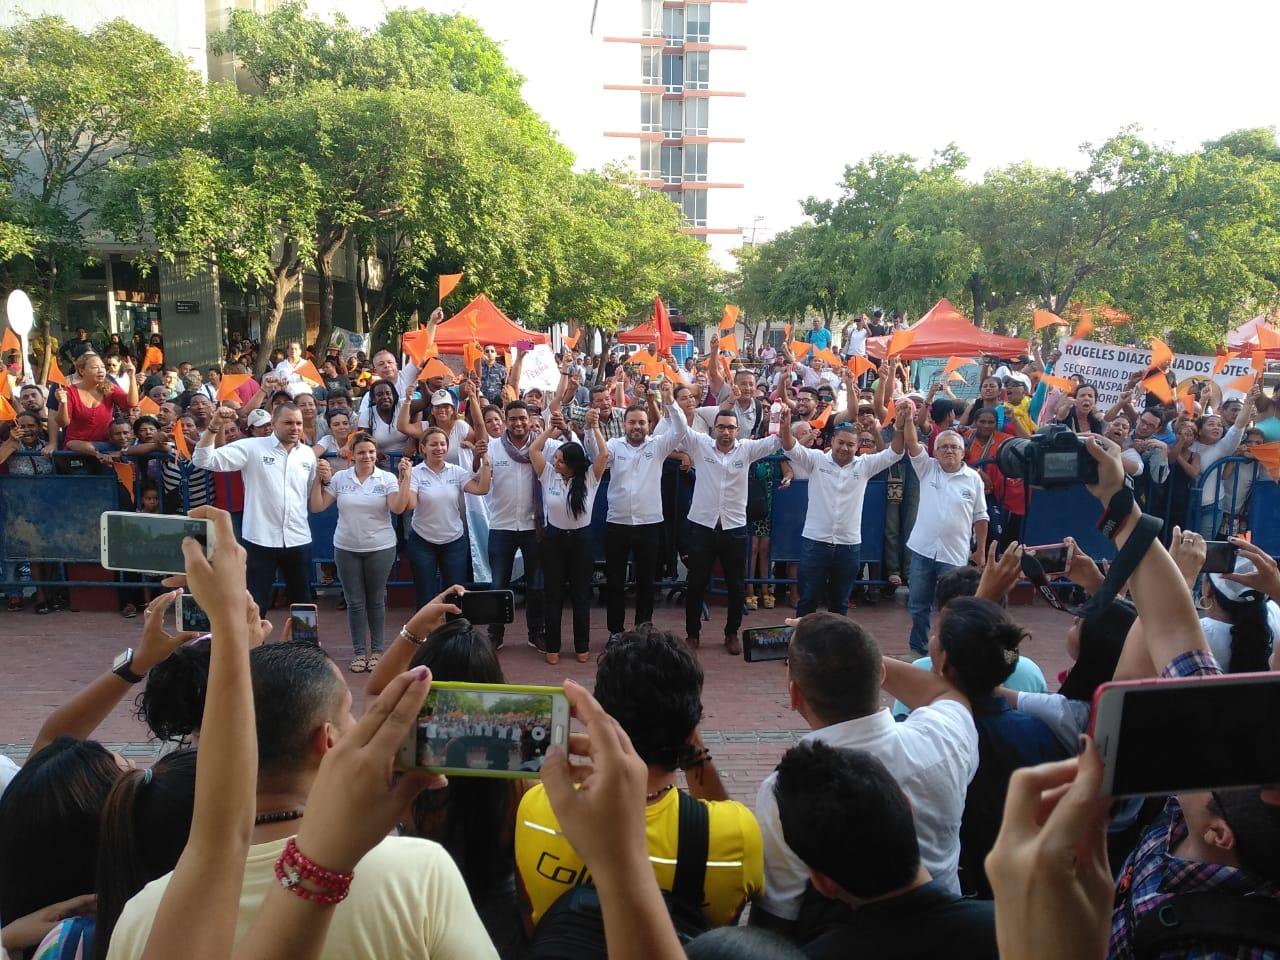 Los 11 huelguistas salieron a recibir el apoyo de los simpatizantes de Fuerza Ciudadana.